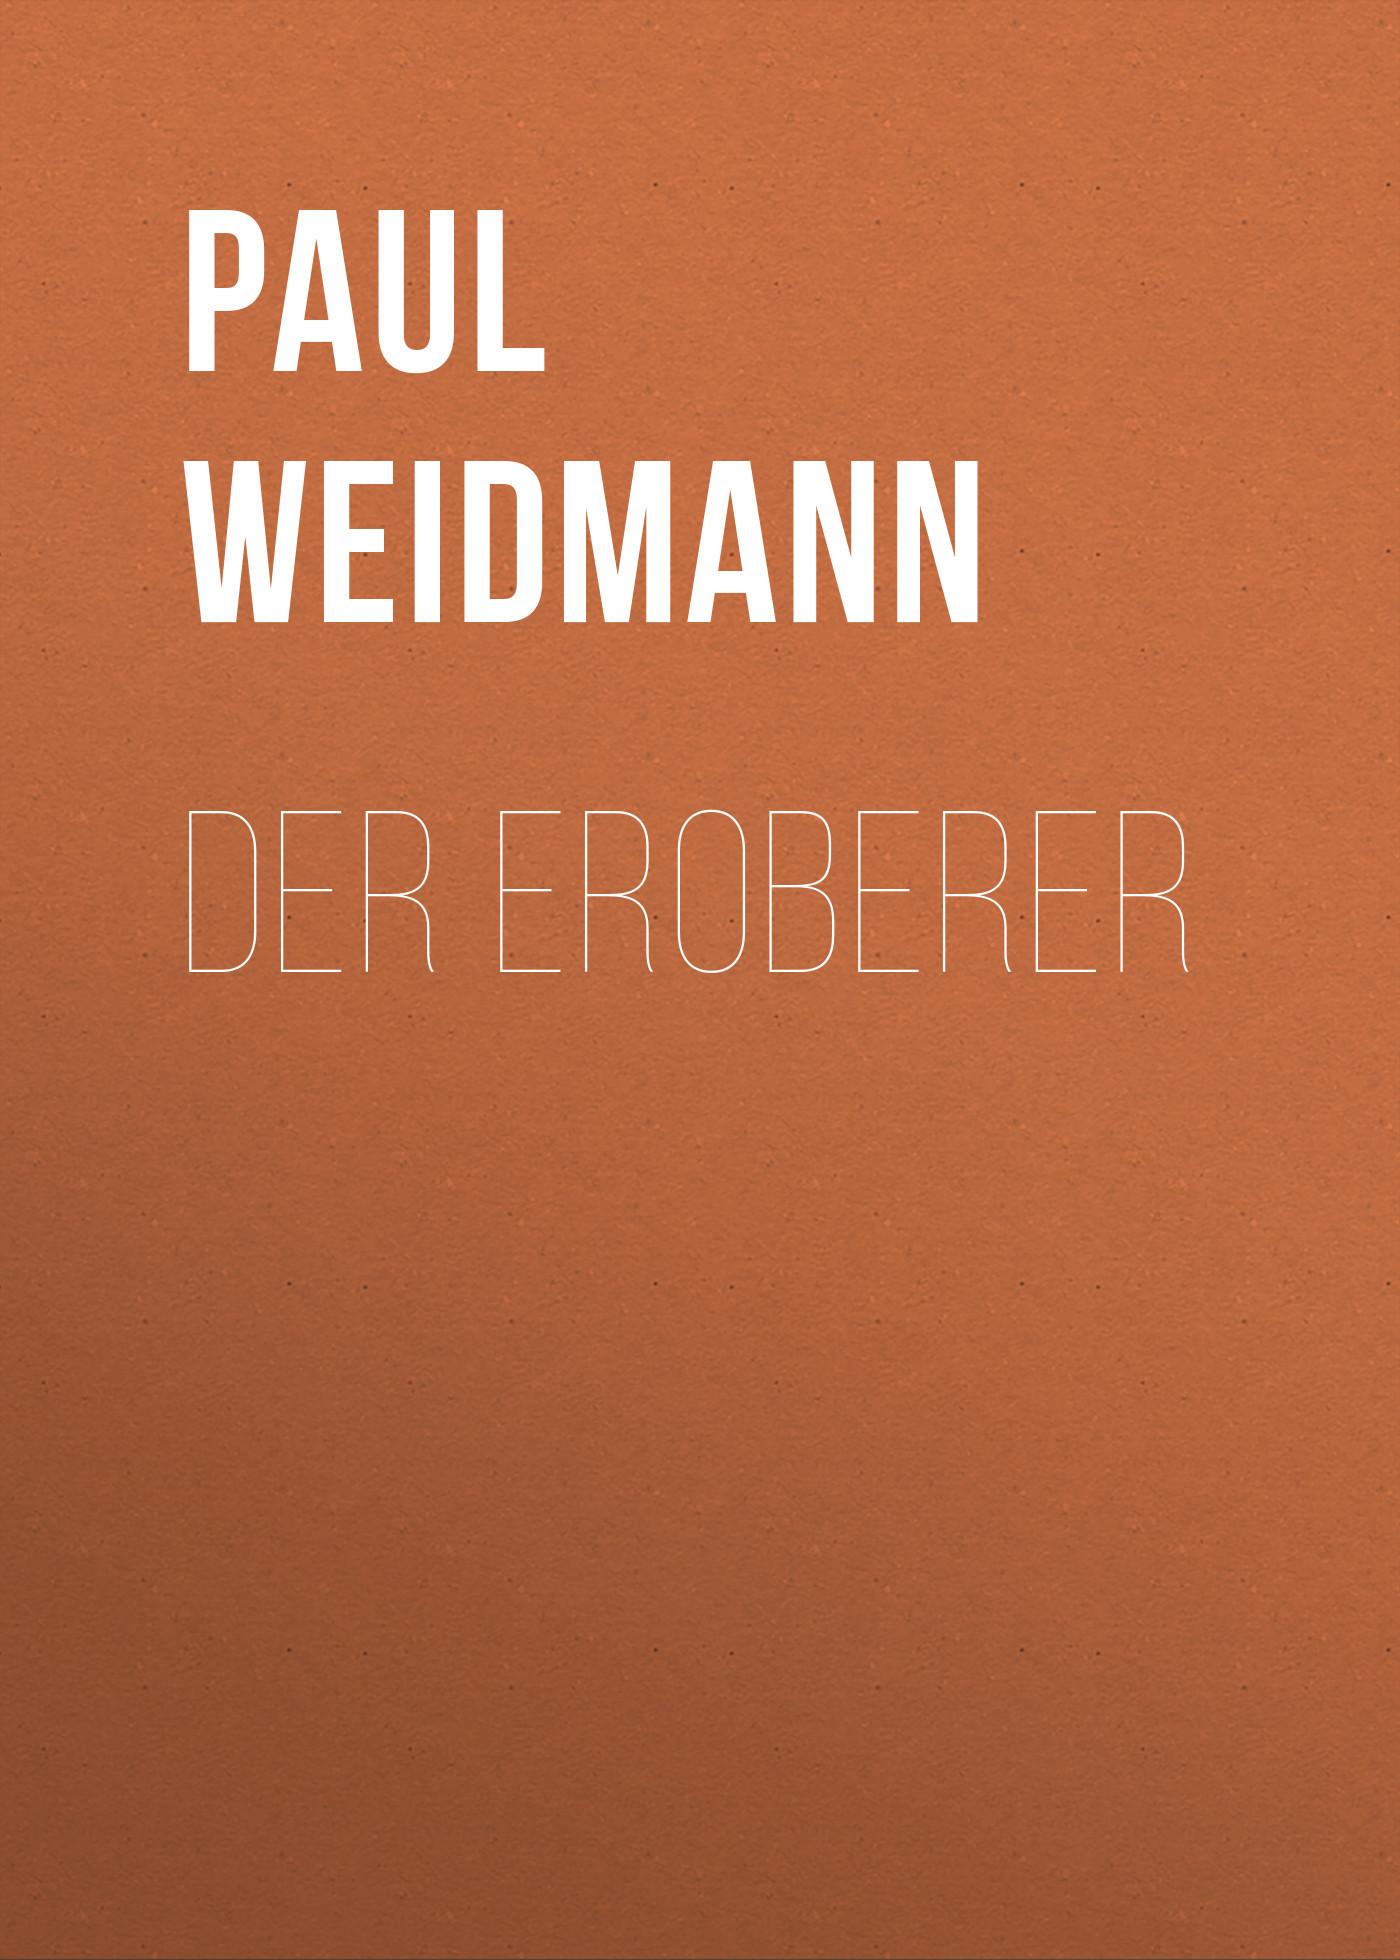 Paul Weidmann Der Eroberer сапоги quelle der spur 1013540